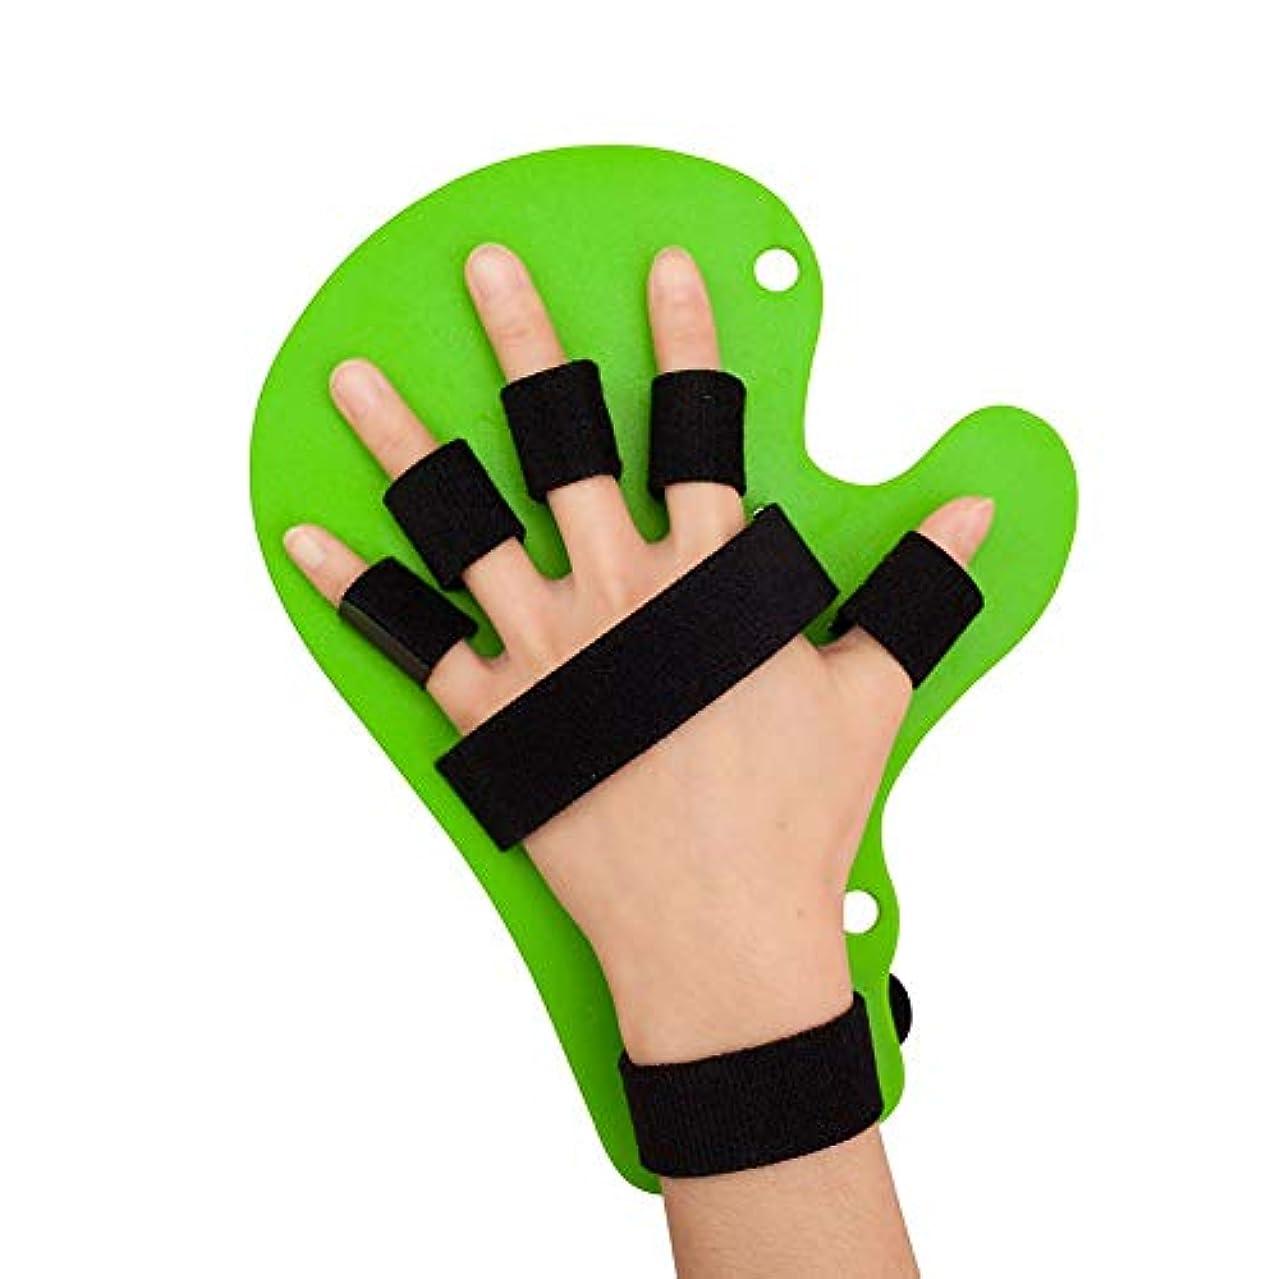 治安判事必要とするどこスプリント指指セパレーター、指スプリント指、指スタビライザーリストストラップ脳卒中片麻痺指のトレーニング機器を指 (Color : 緑)